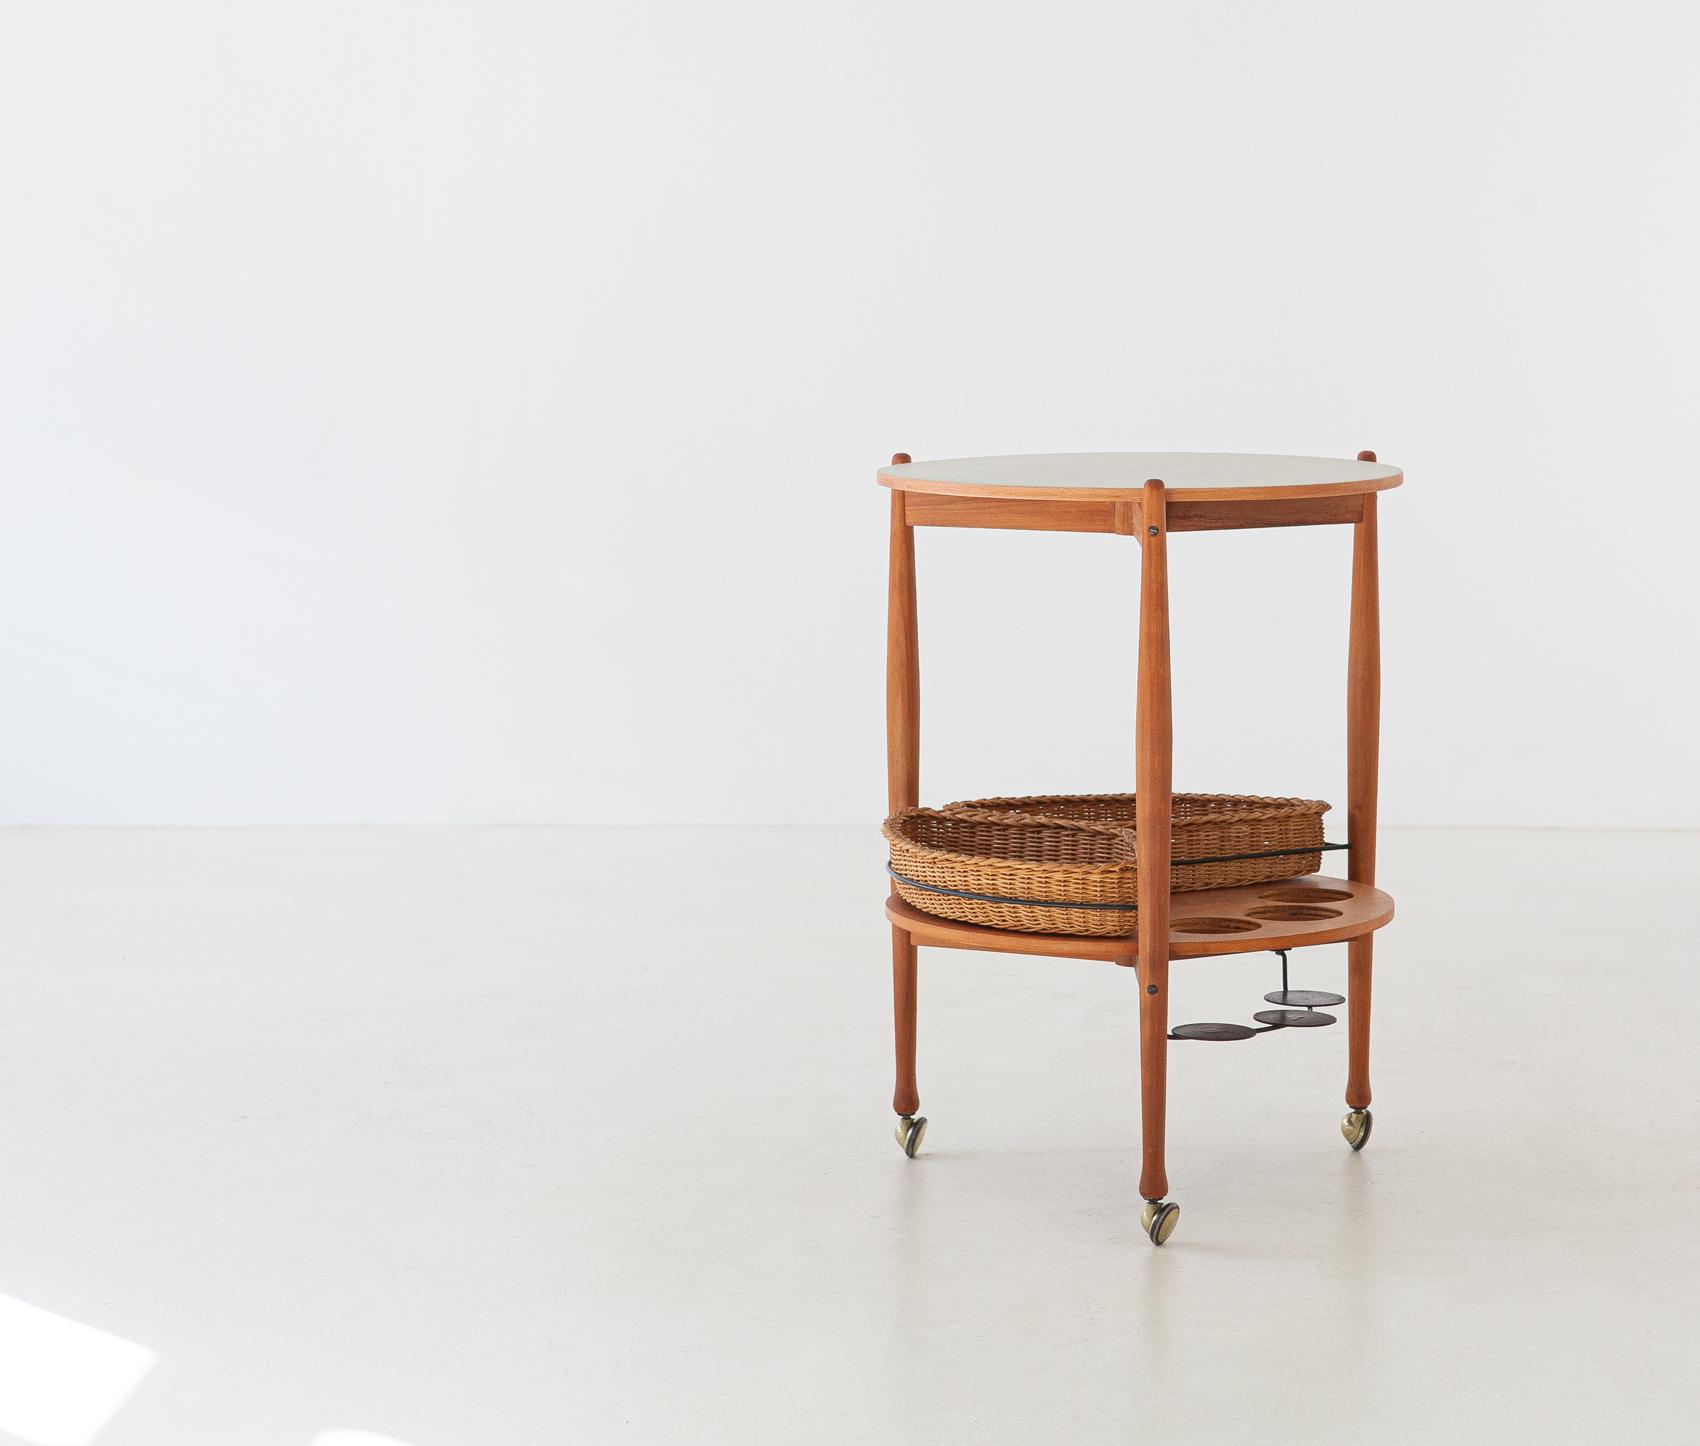 1950s-beech-wood-trolley-by-fratelli-reguitti-11-of94